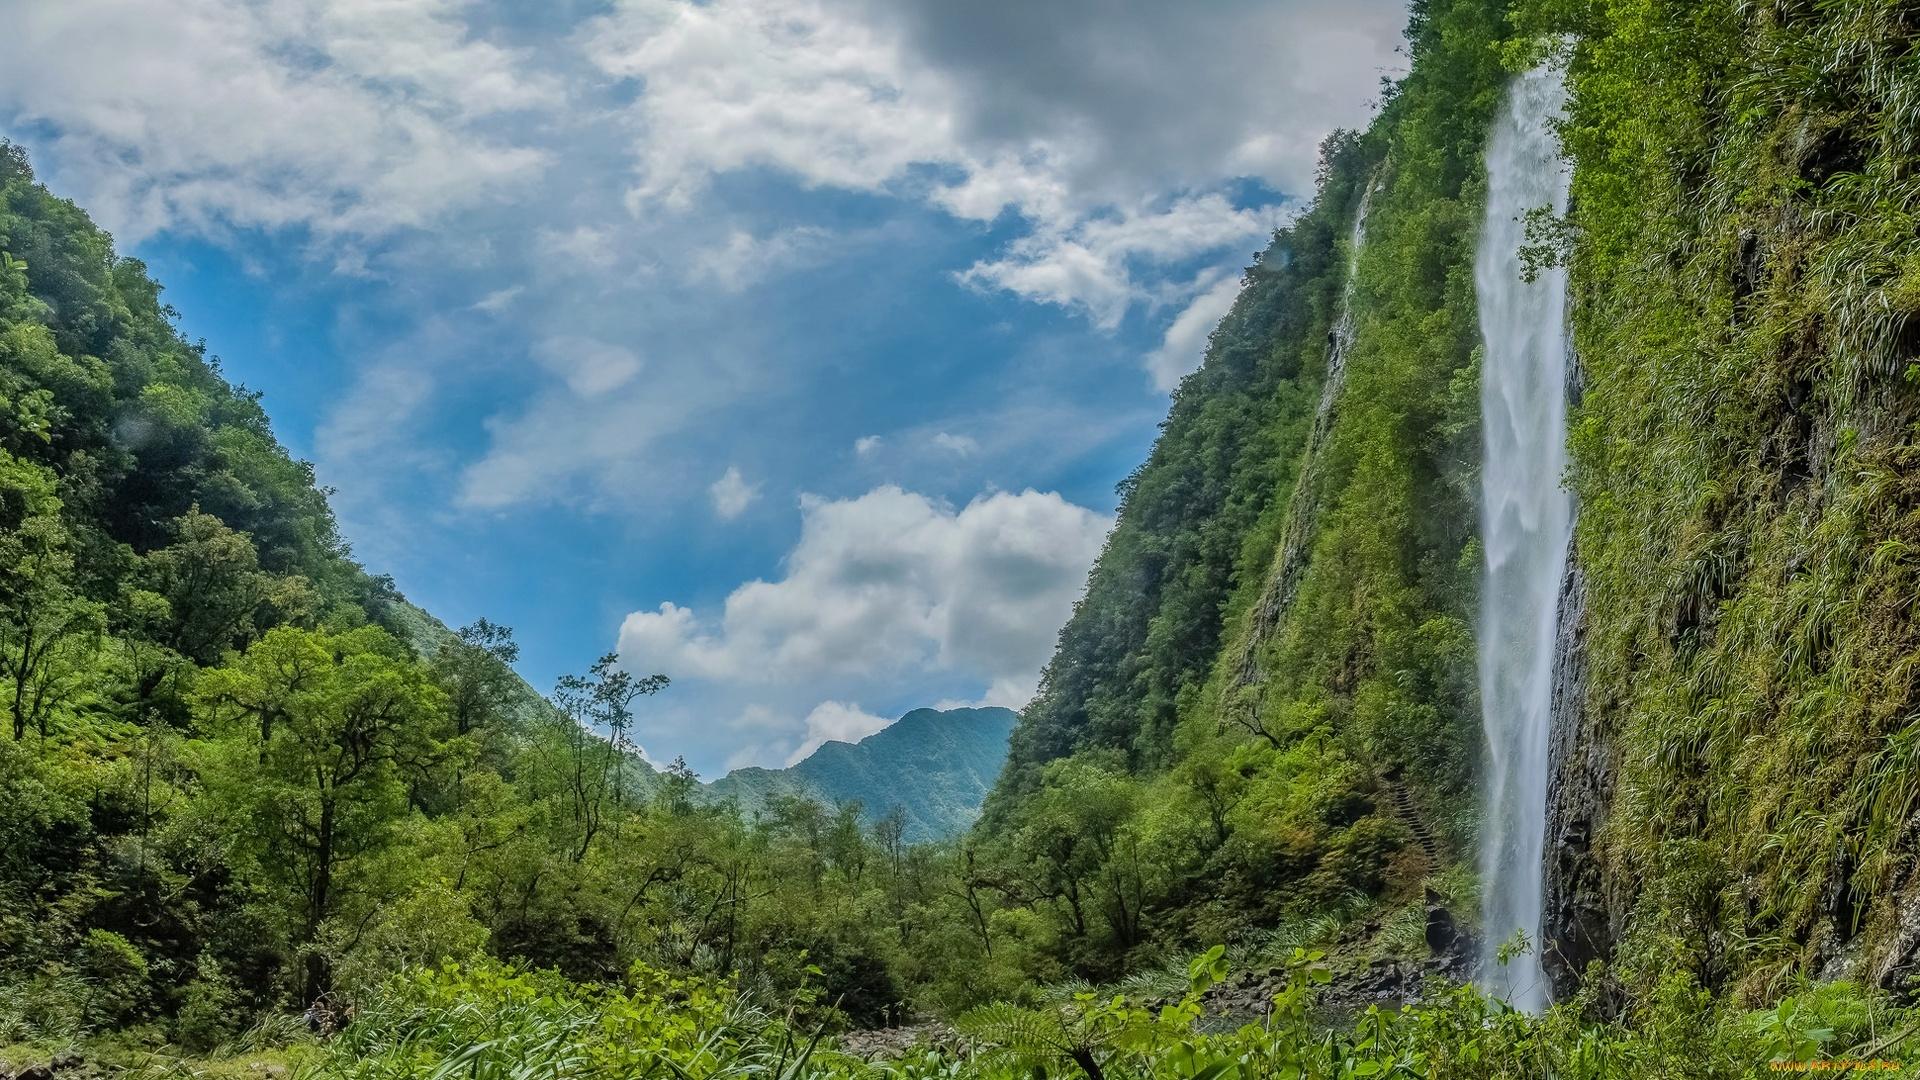 Ecuador Nature desktop wallpaper hd